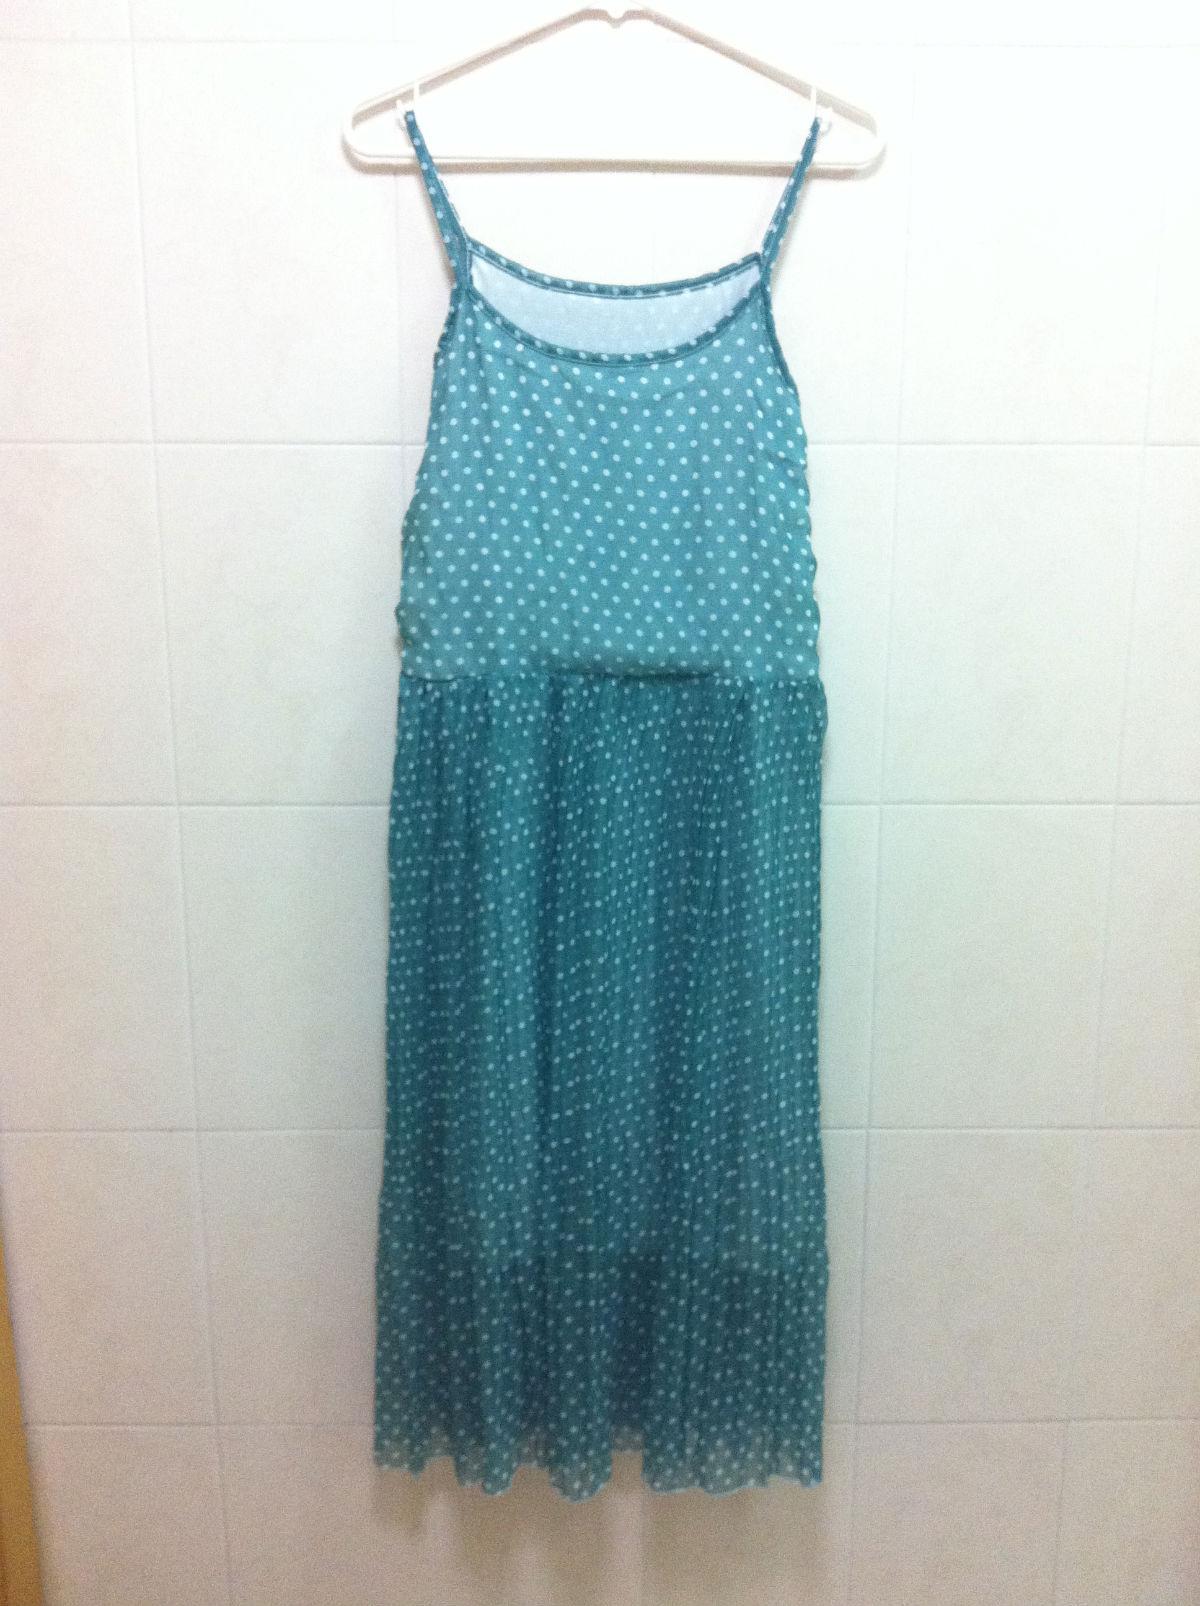 〔一套60米〕单买裙子45,雪纺25.百家好的外搭t,配吊带,背高清图片